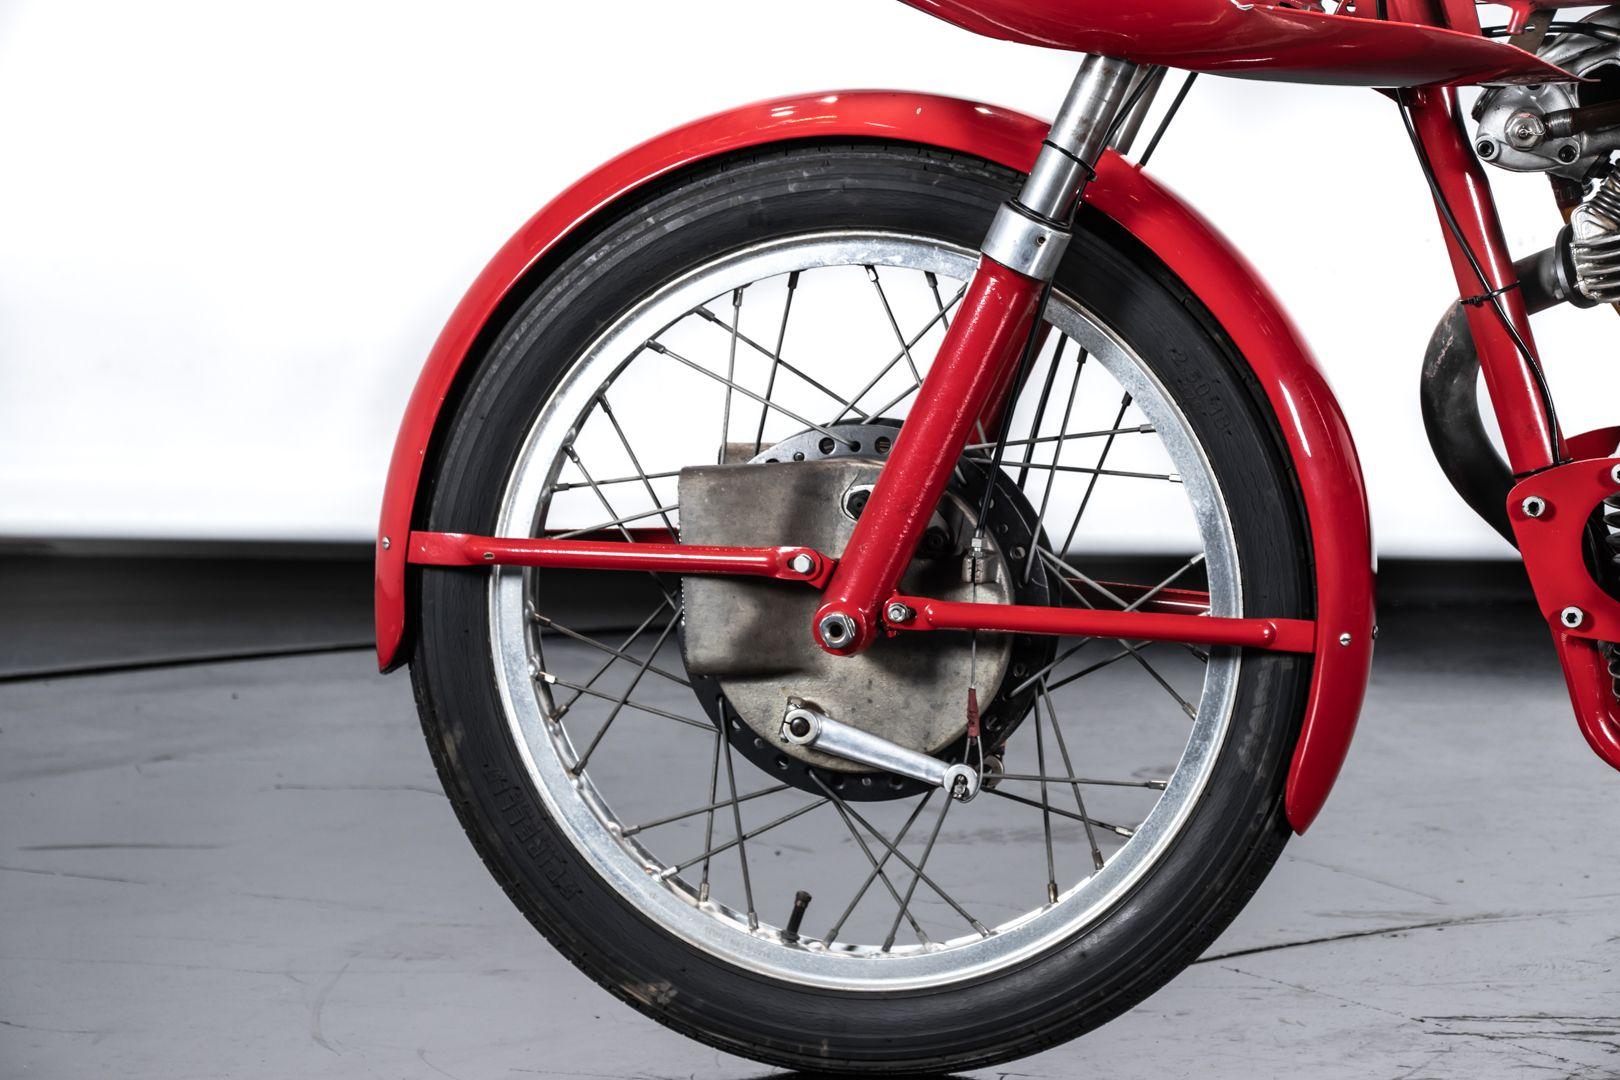 1957 Ducati 125 Bialbero Corsa 77161